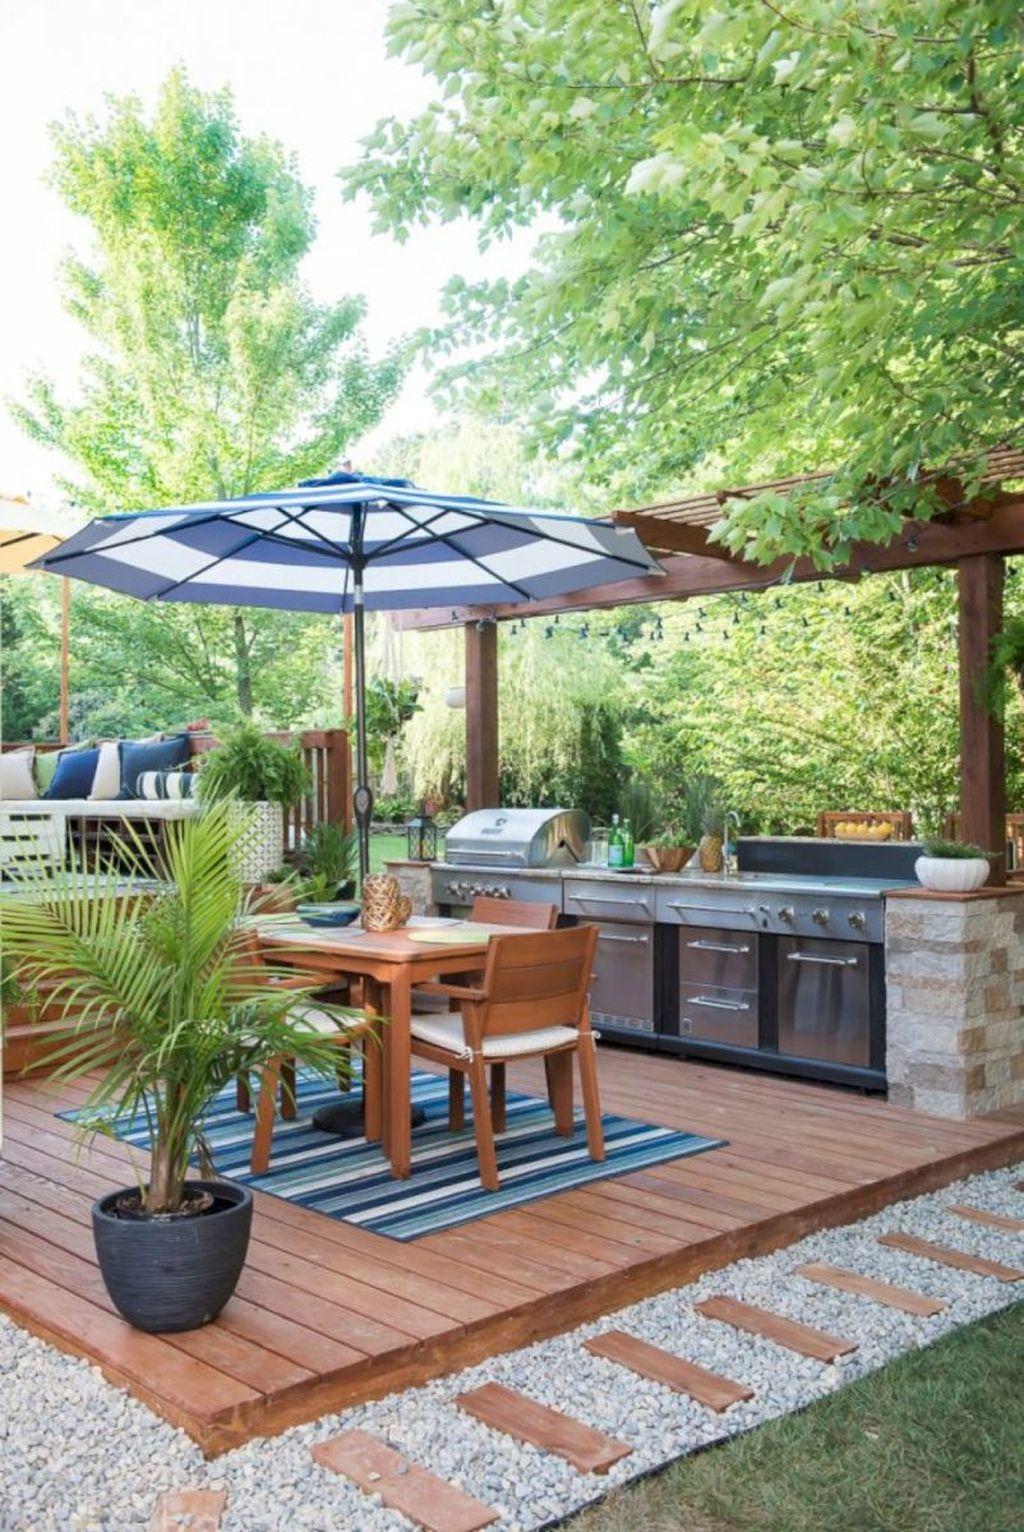 38 Cool Outdoor Kitchen Design Ideas 09